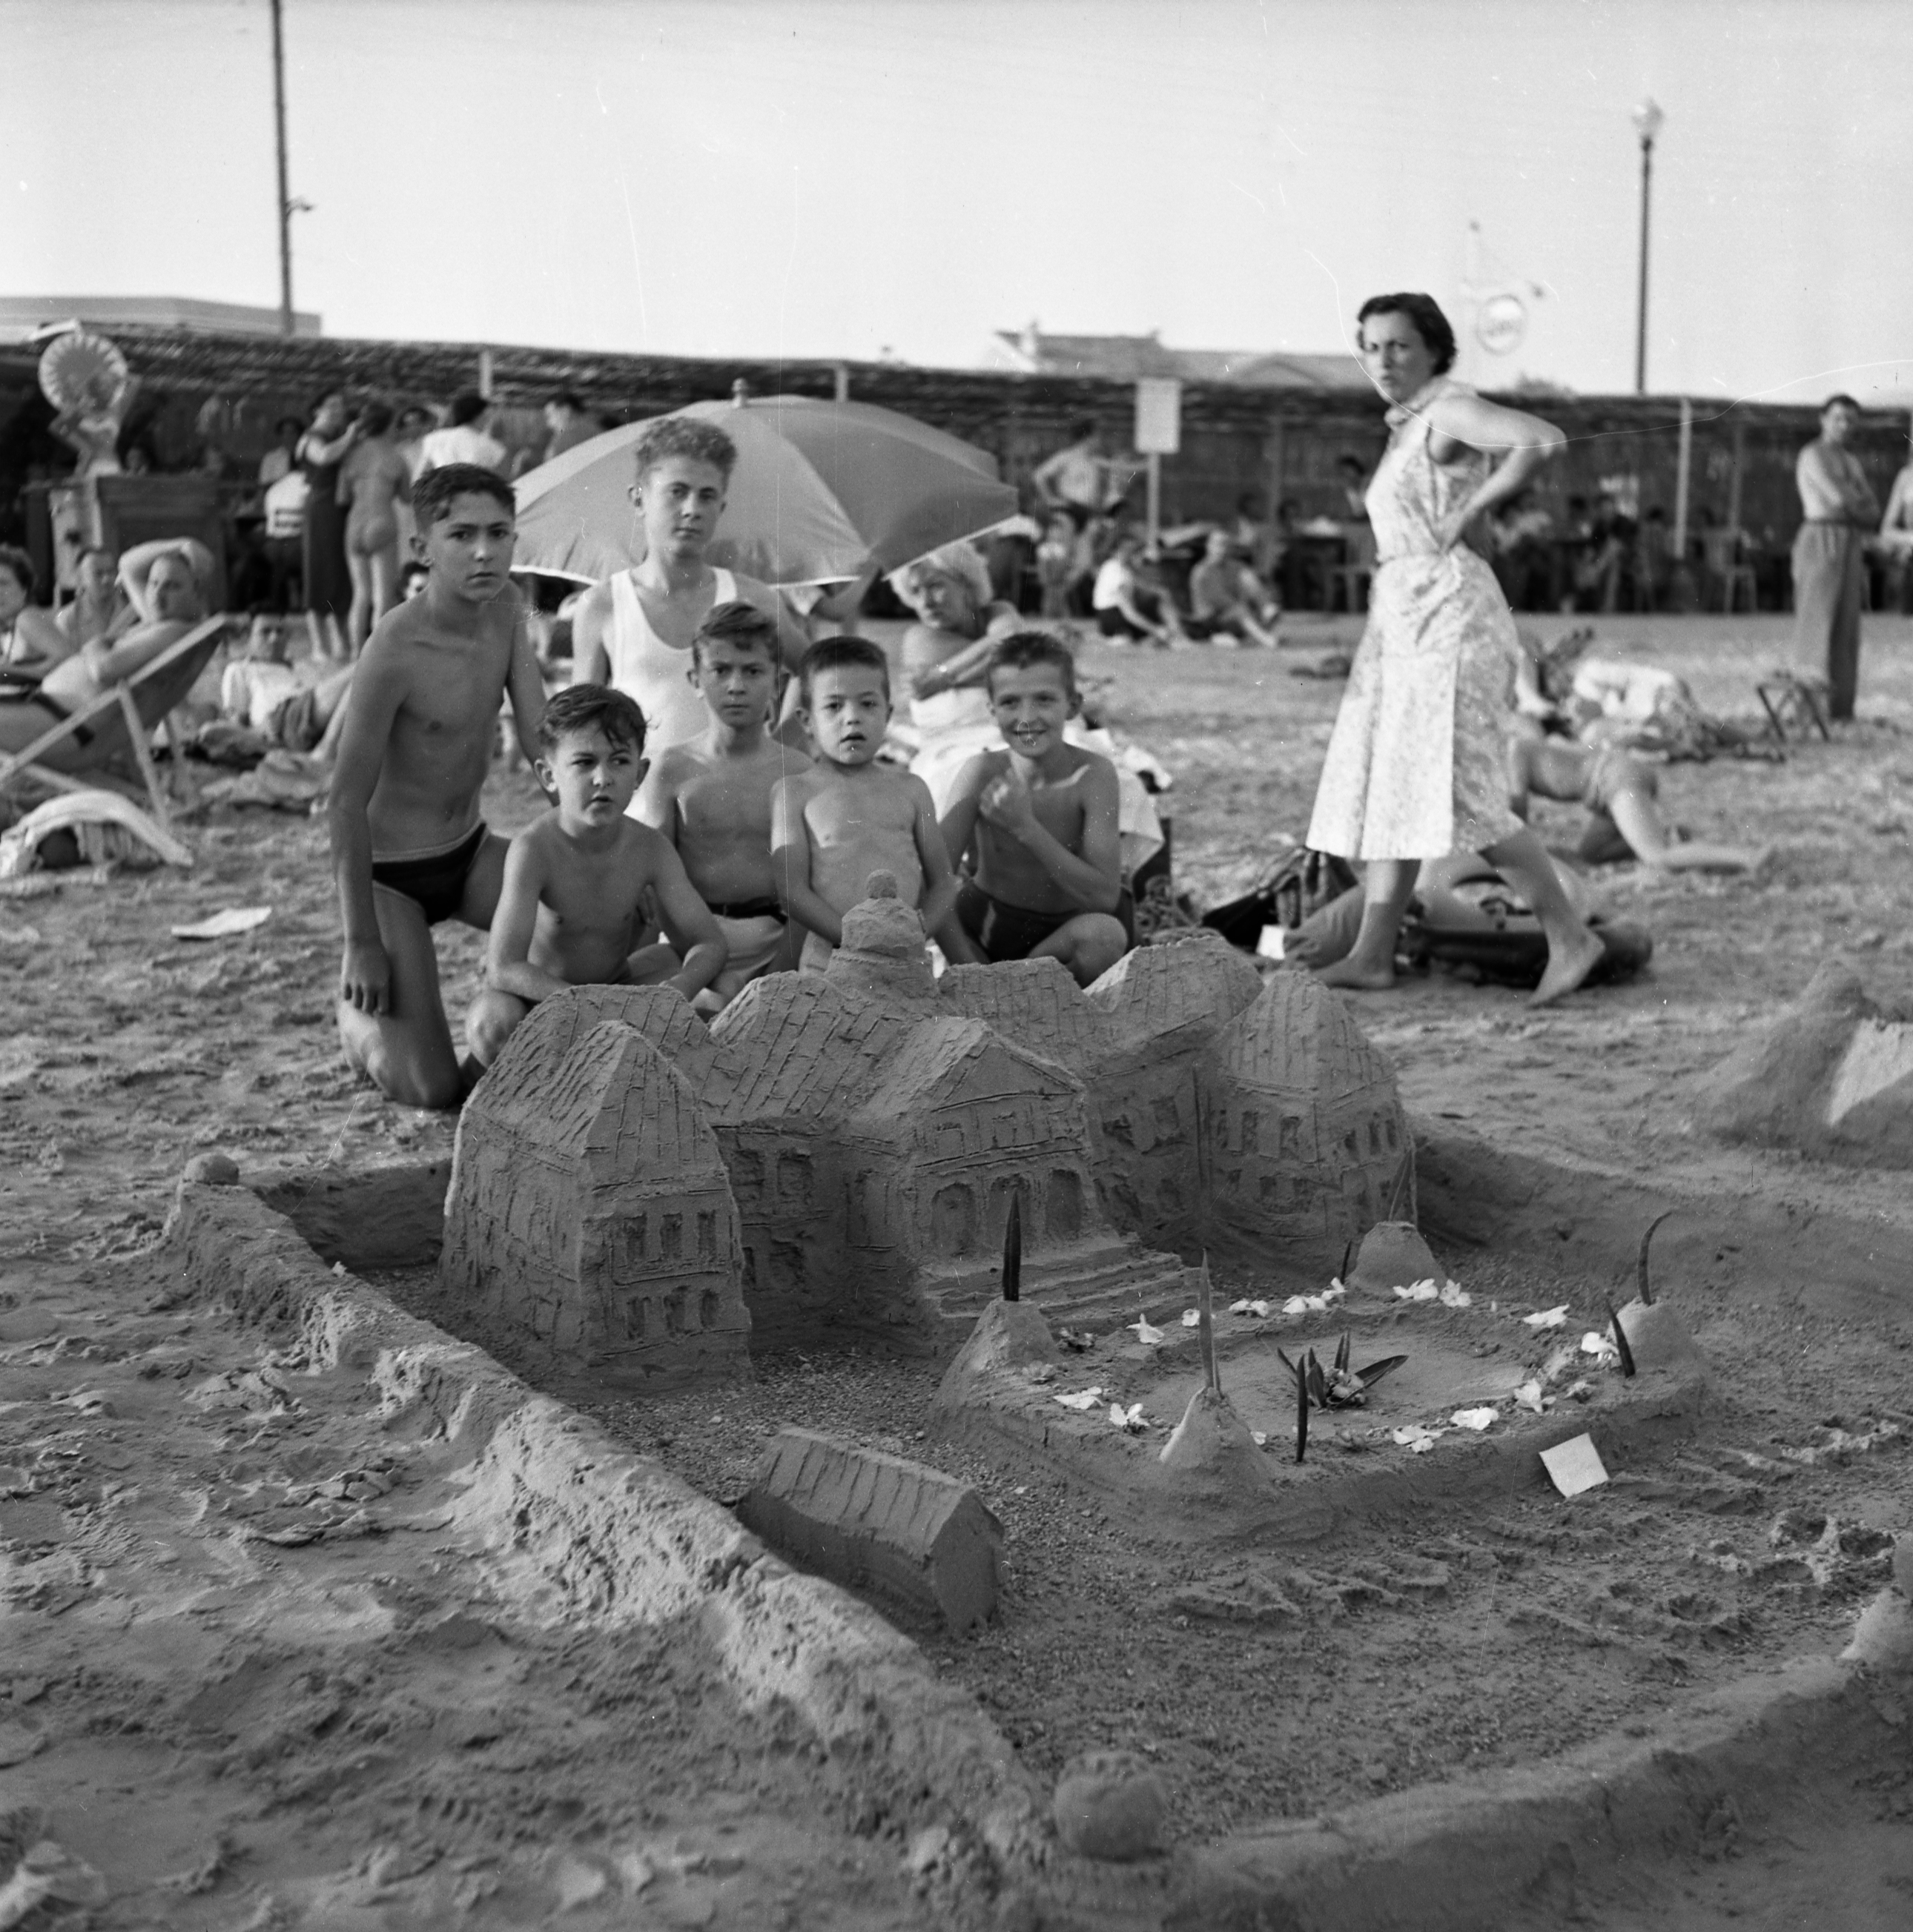 27 Fi 3139 - Majestueux château de sable construit à l'occasion d'un concours sur la plage. Les enfants peuvent être fiers ! 29/08/1954